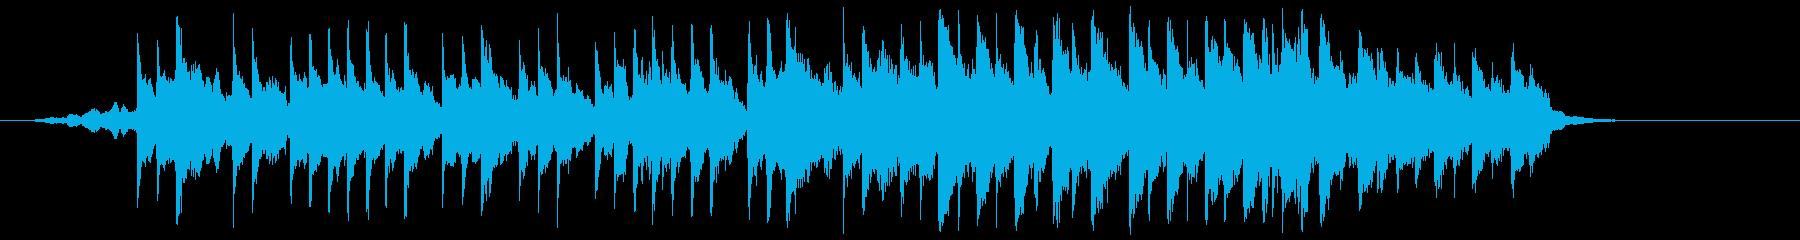 和楽器で夜桜をイメージした和風BGMの再生済みの波形